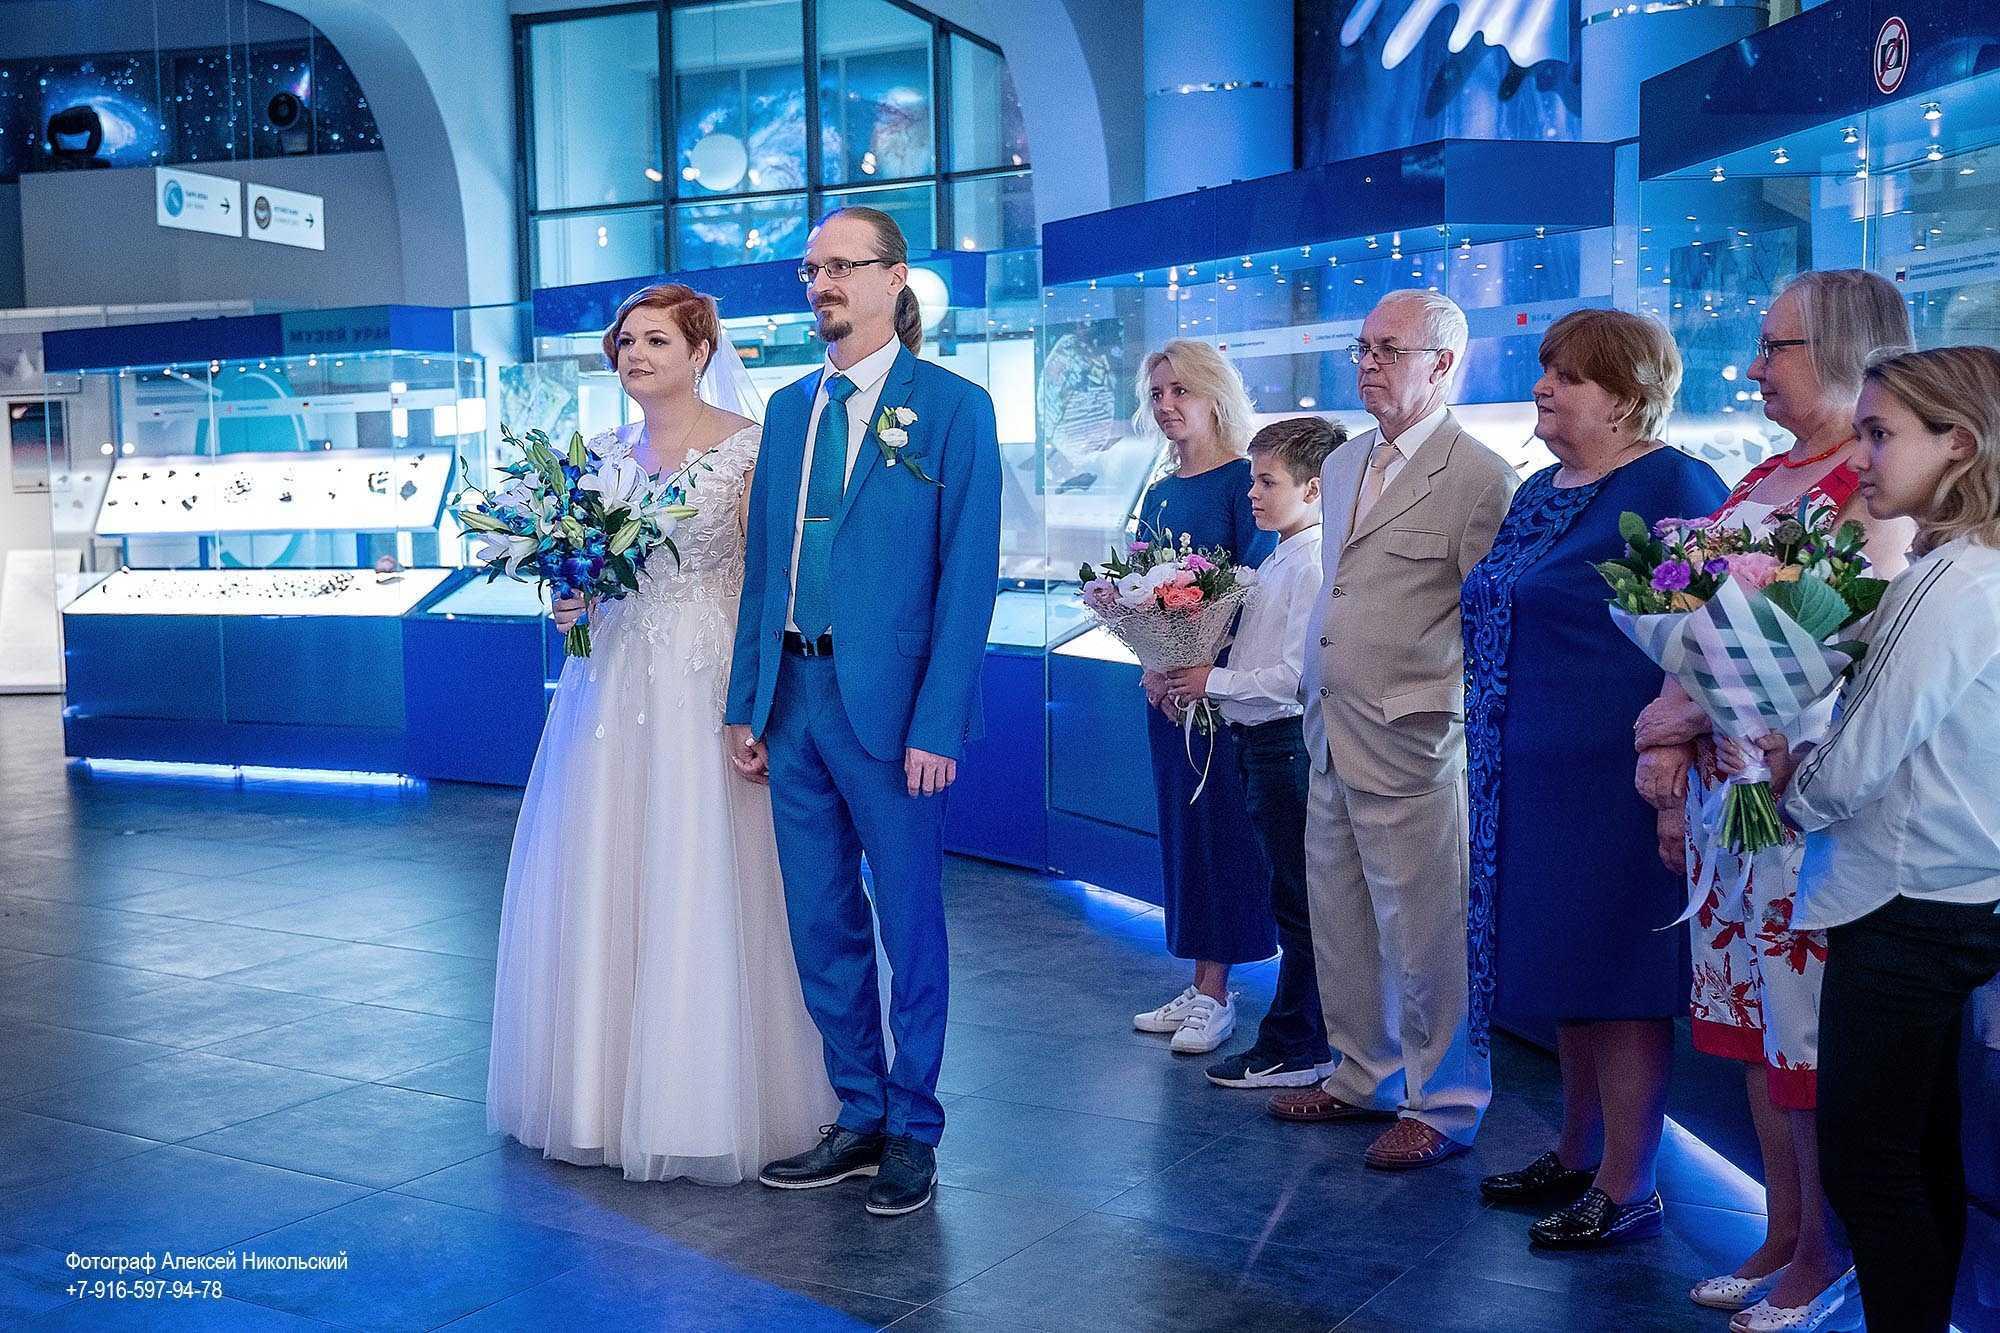 свадьба в планетарии фото